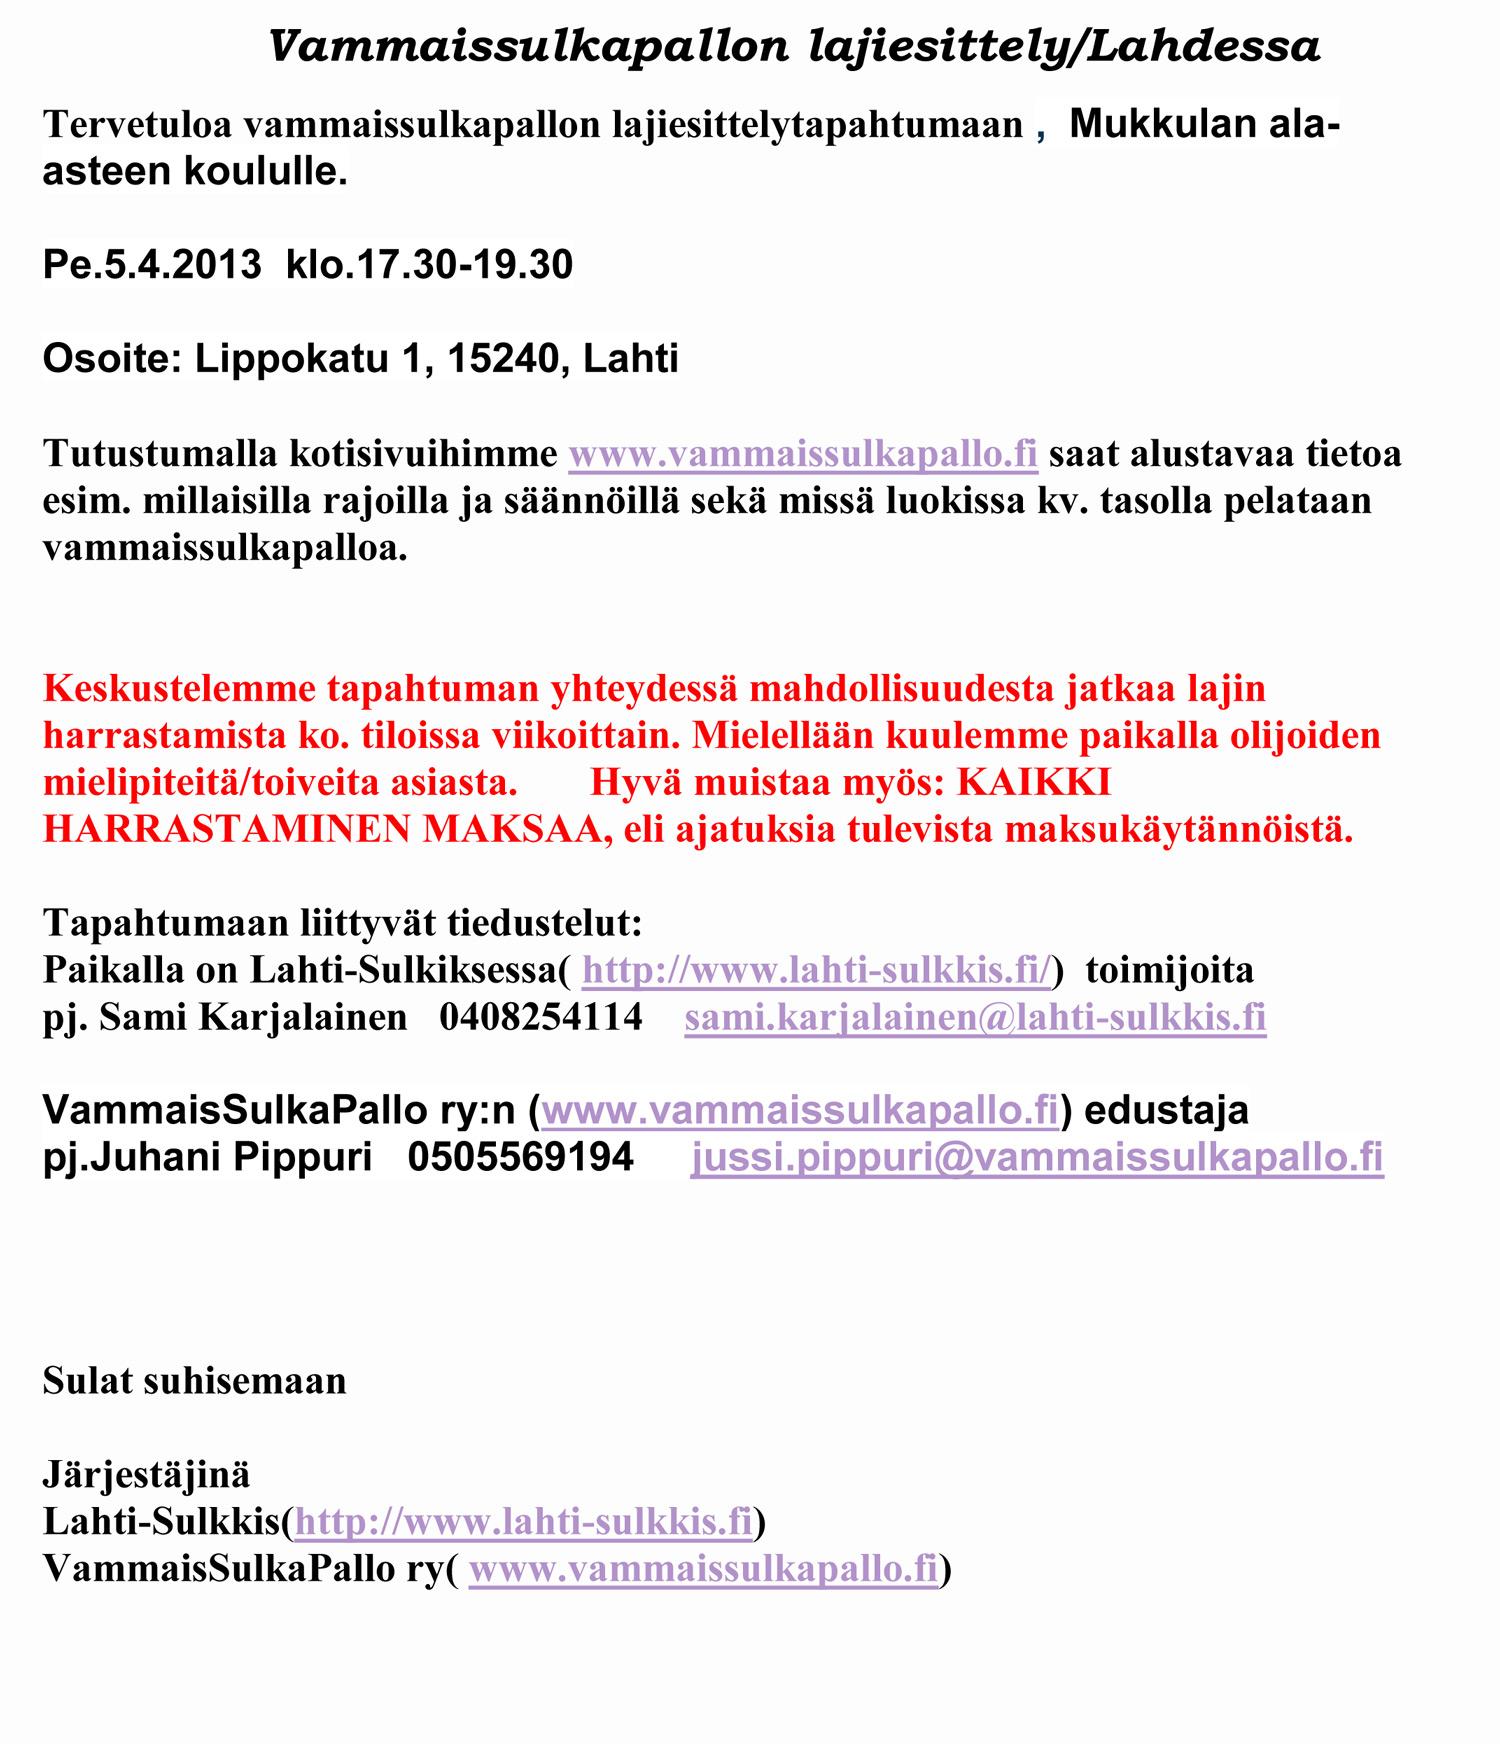 Lahdessa-vammaissulkapalloa-1